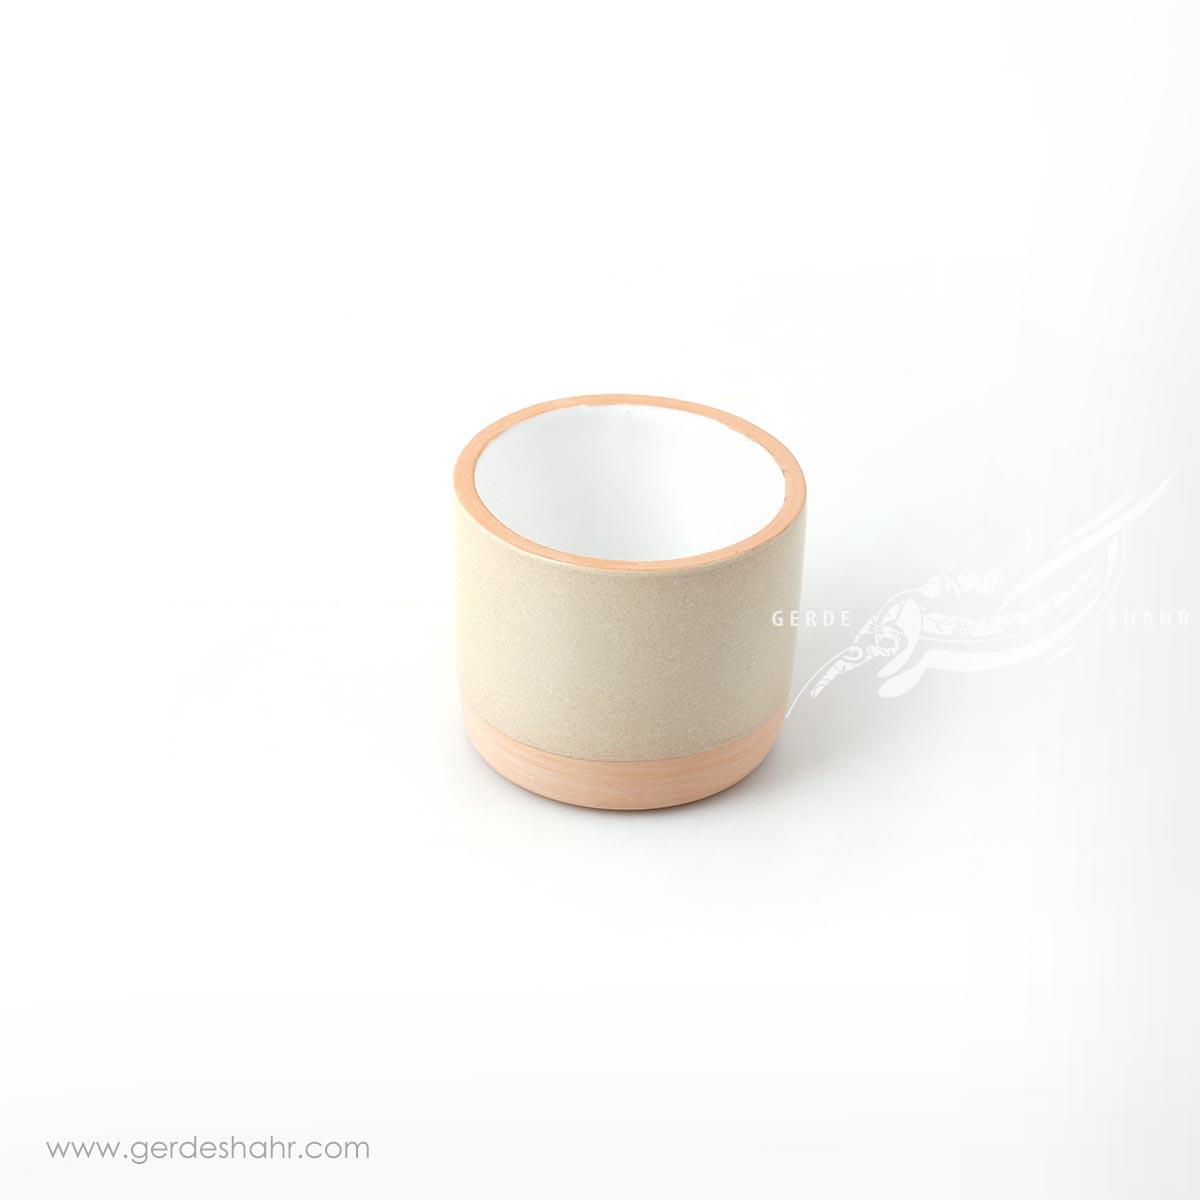 لیوان کرم زین دست محصولات